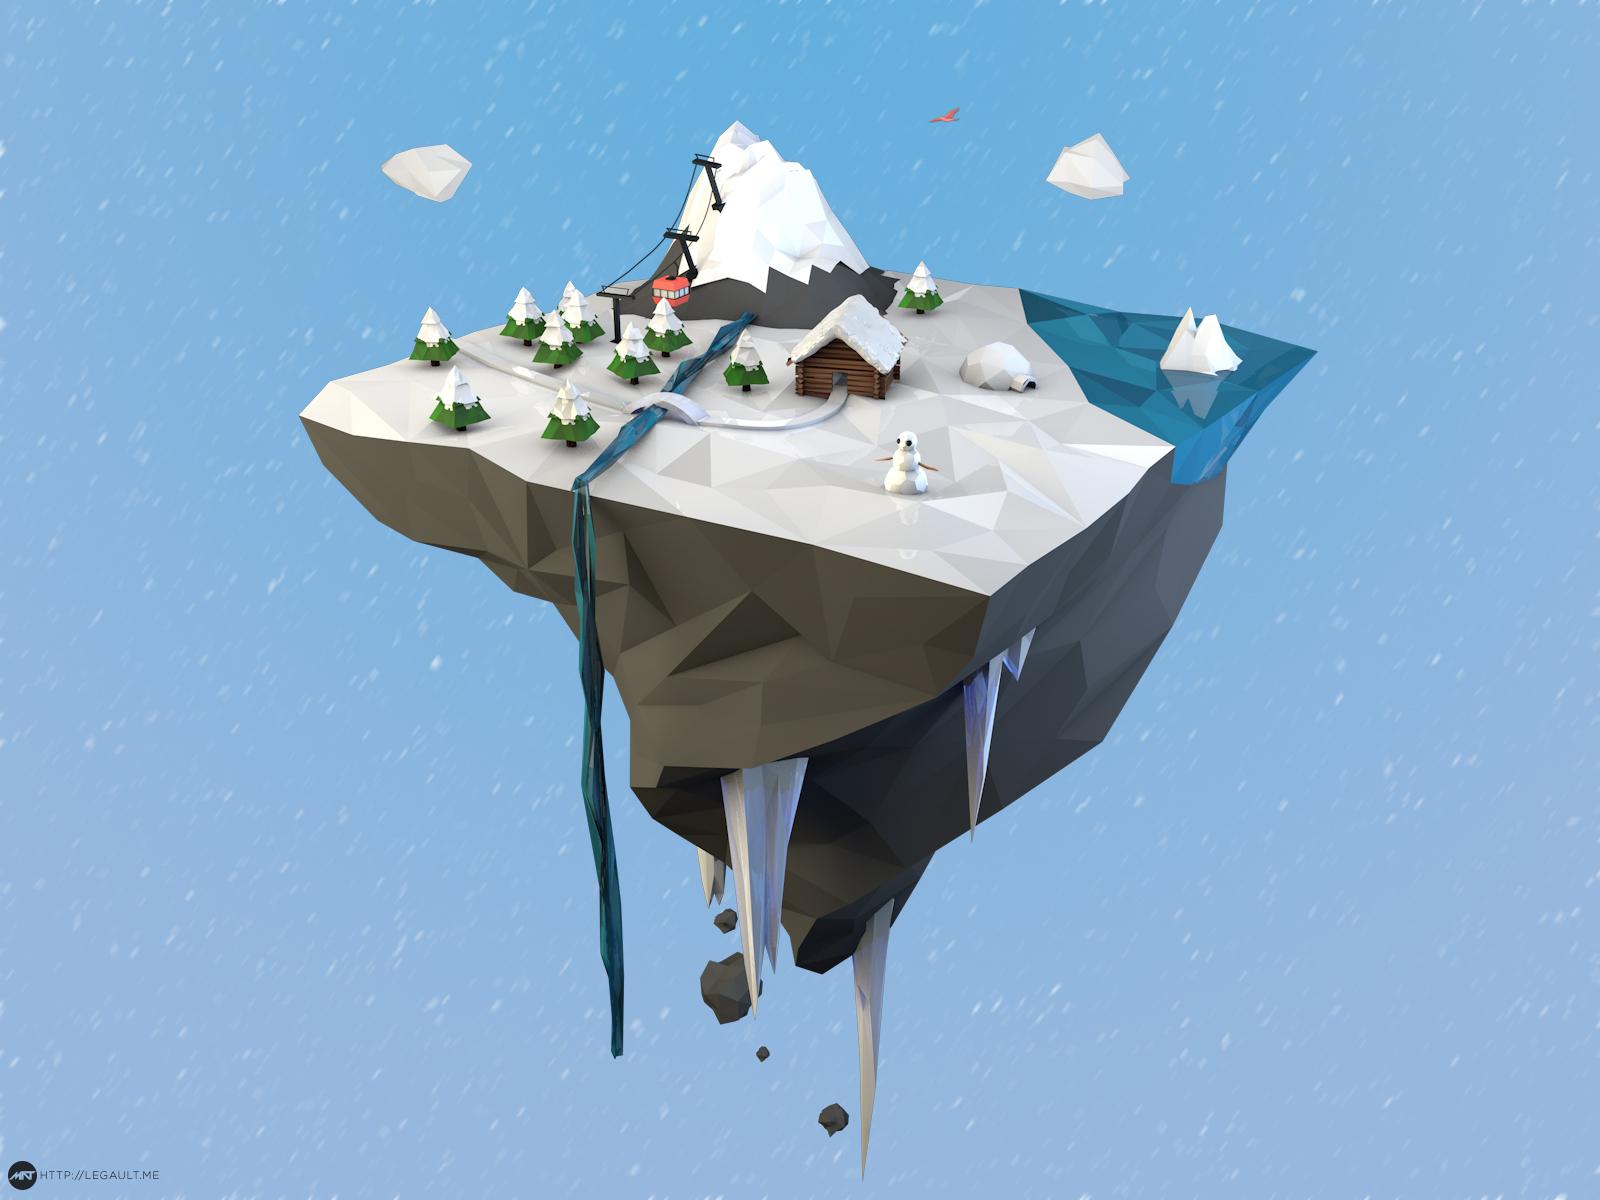 low_poly_island_winter_by_maty241-d73jkz8.jpg